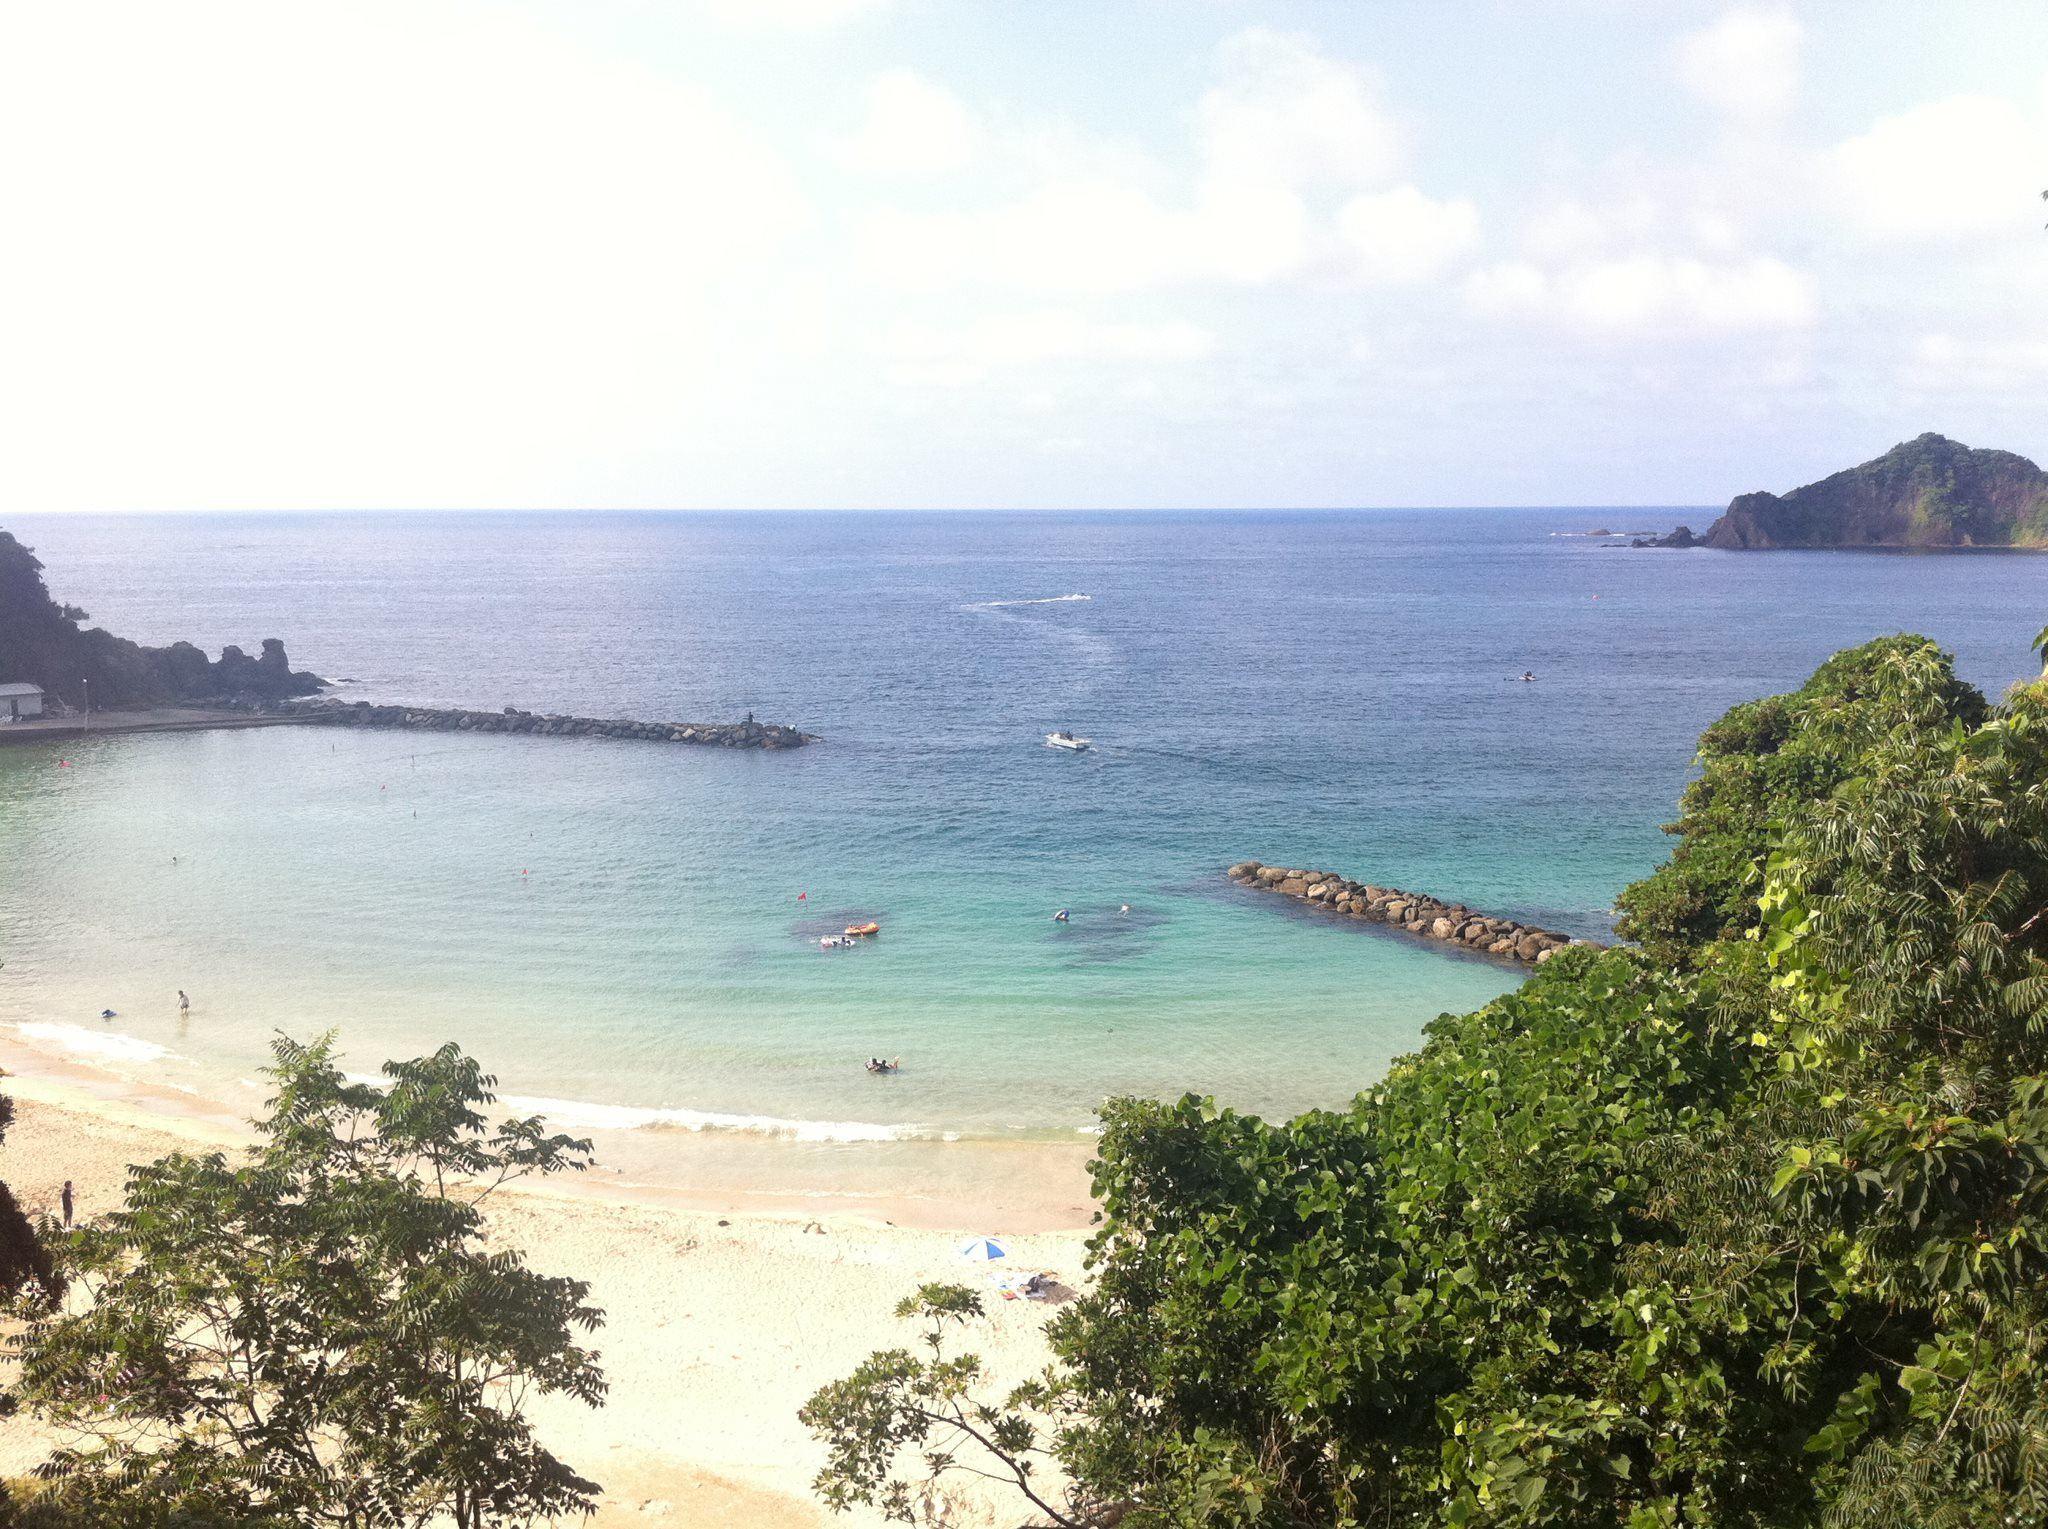 Sasago beach